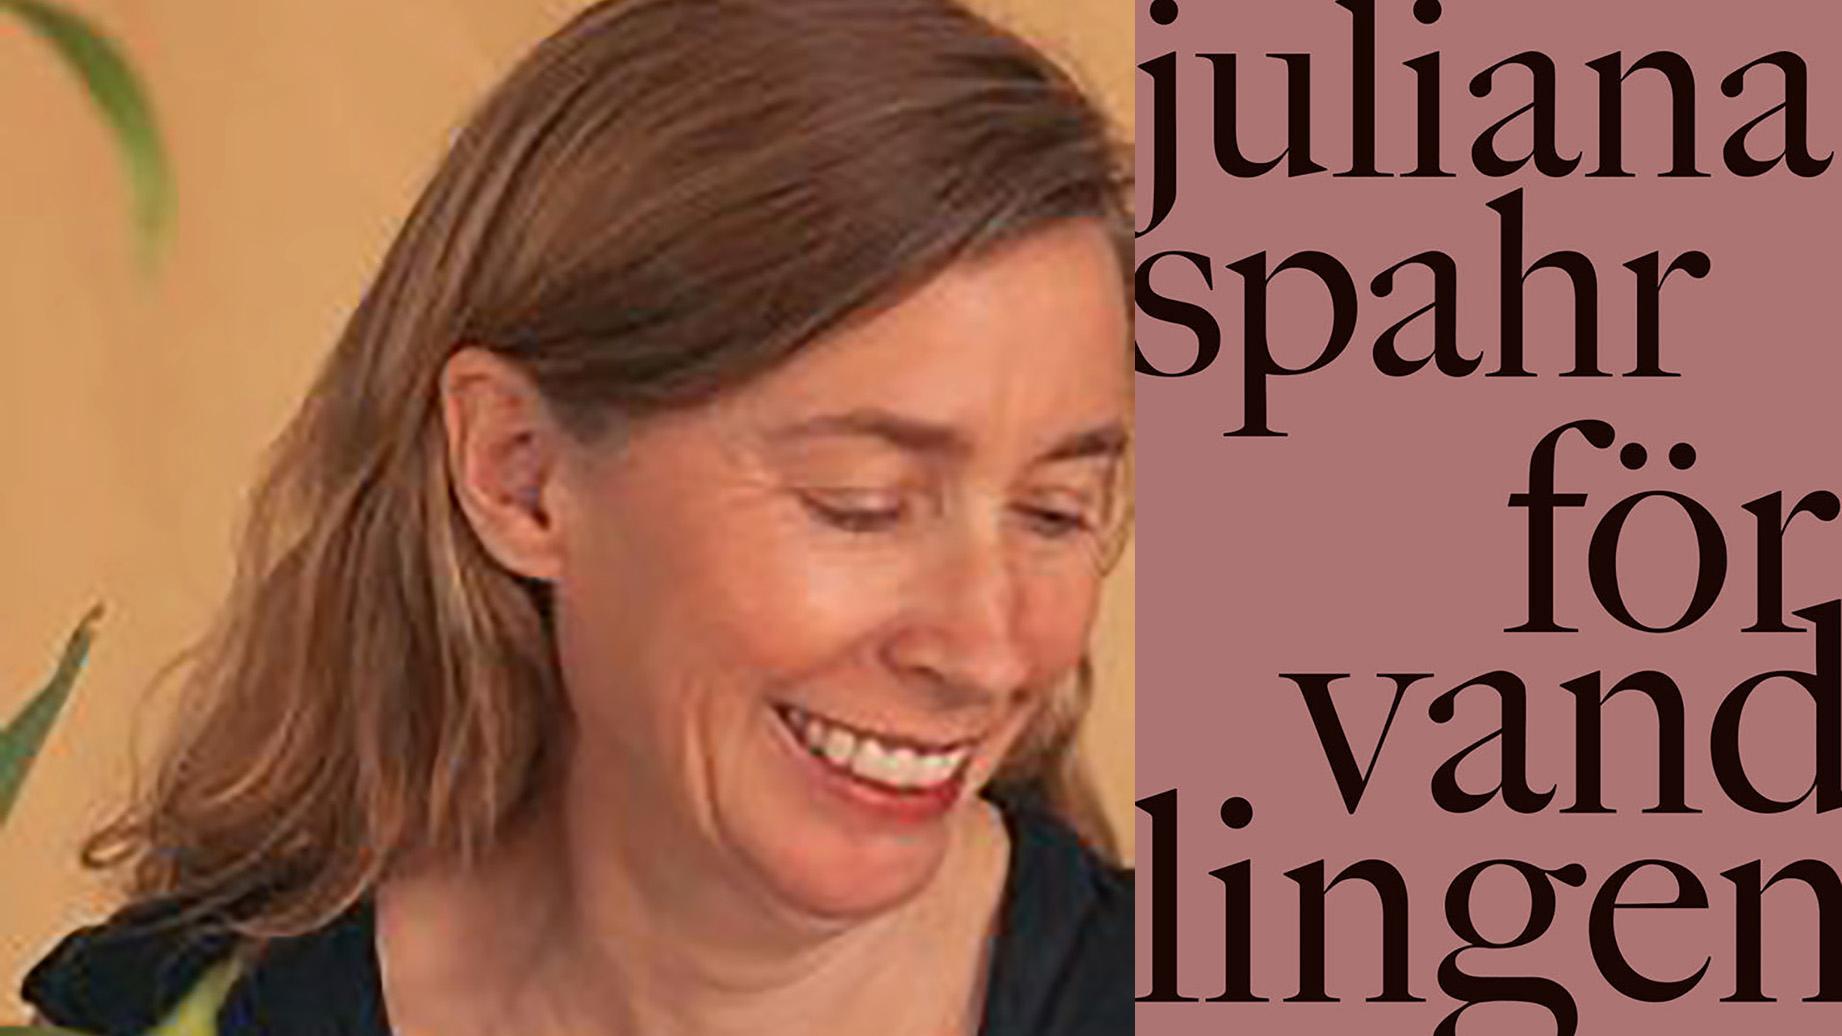 Juliana Spahr (född 1966) är en amerikansk poet, kritiker och förläggare.